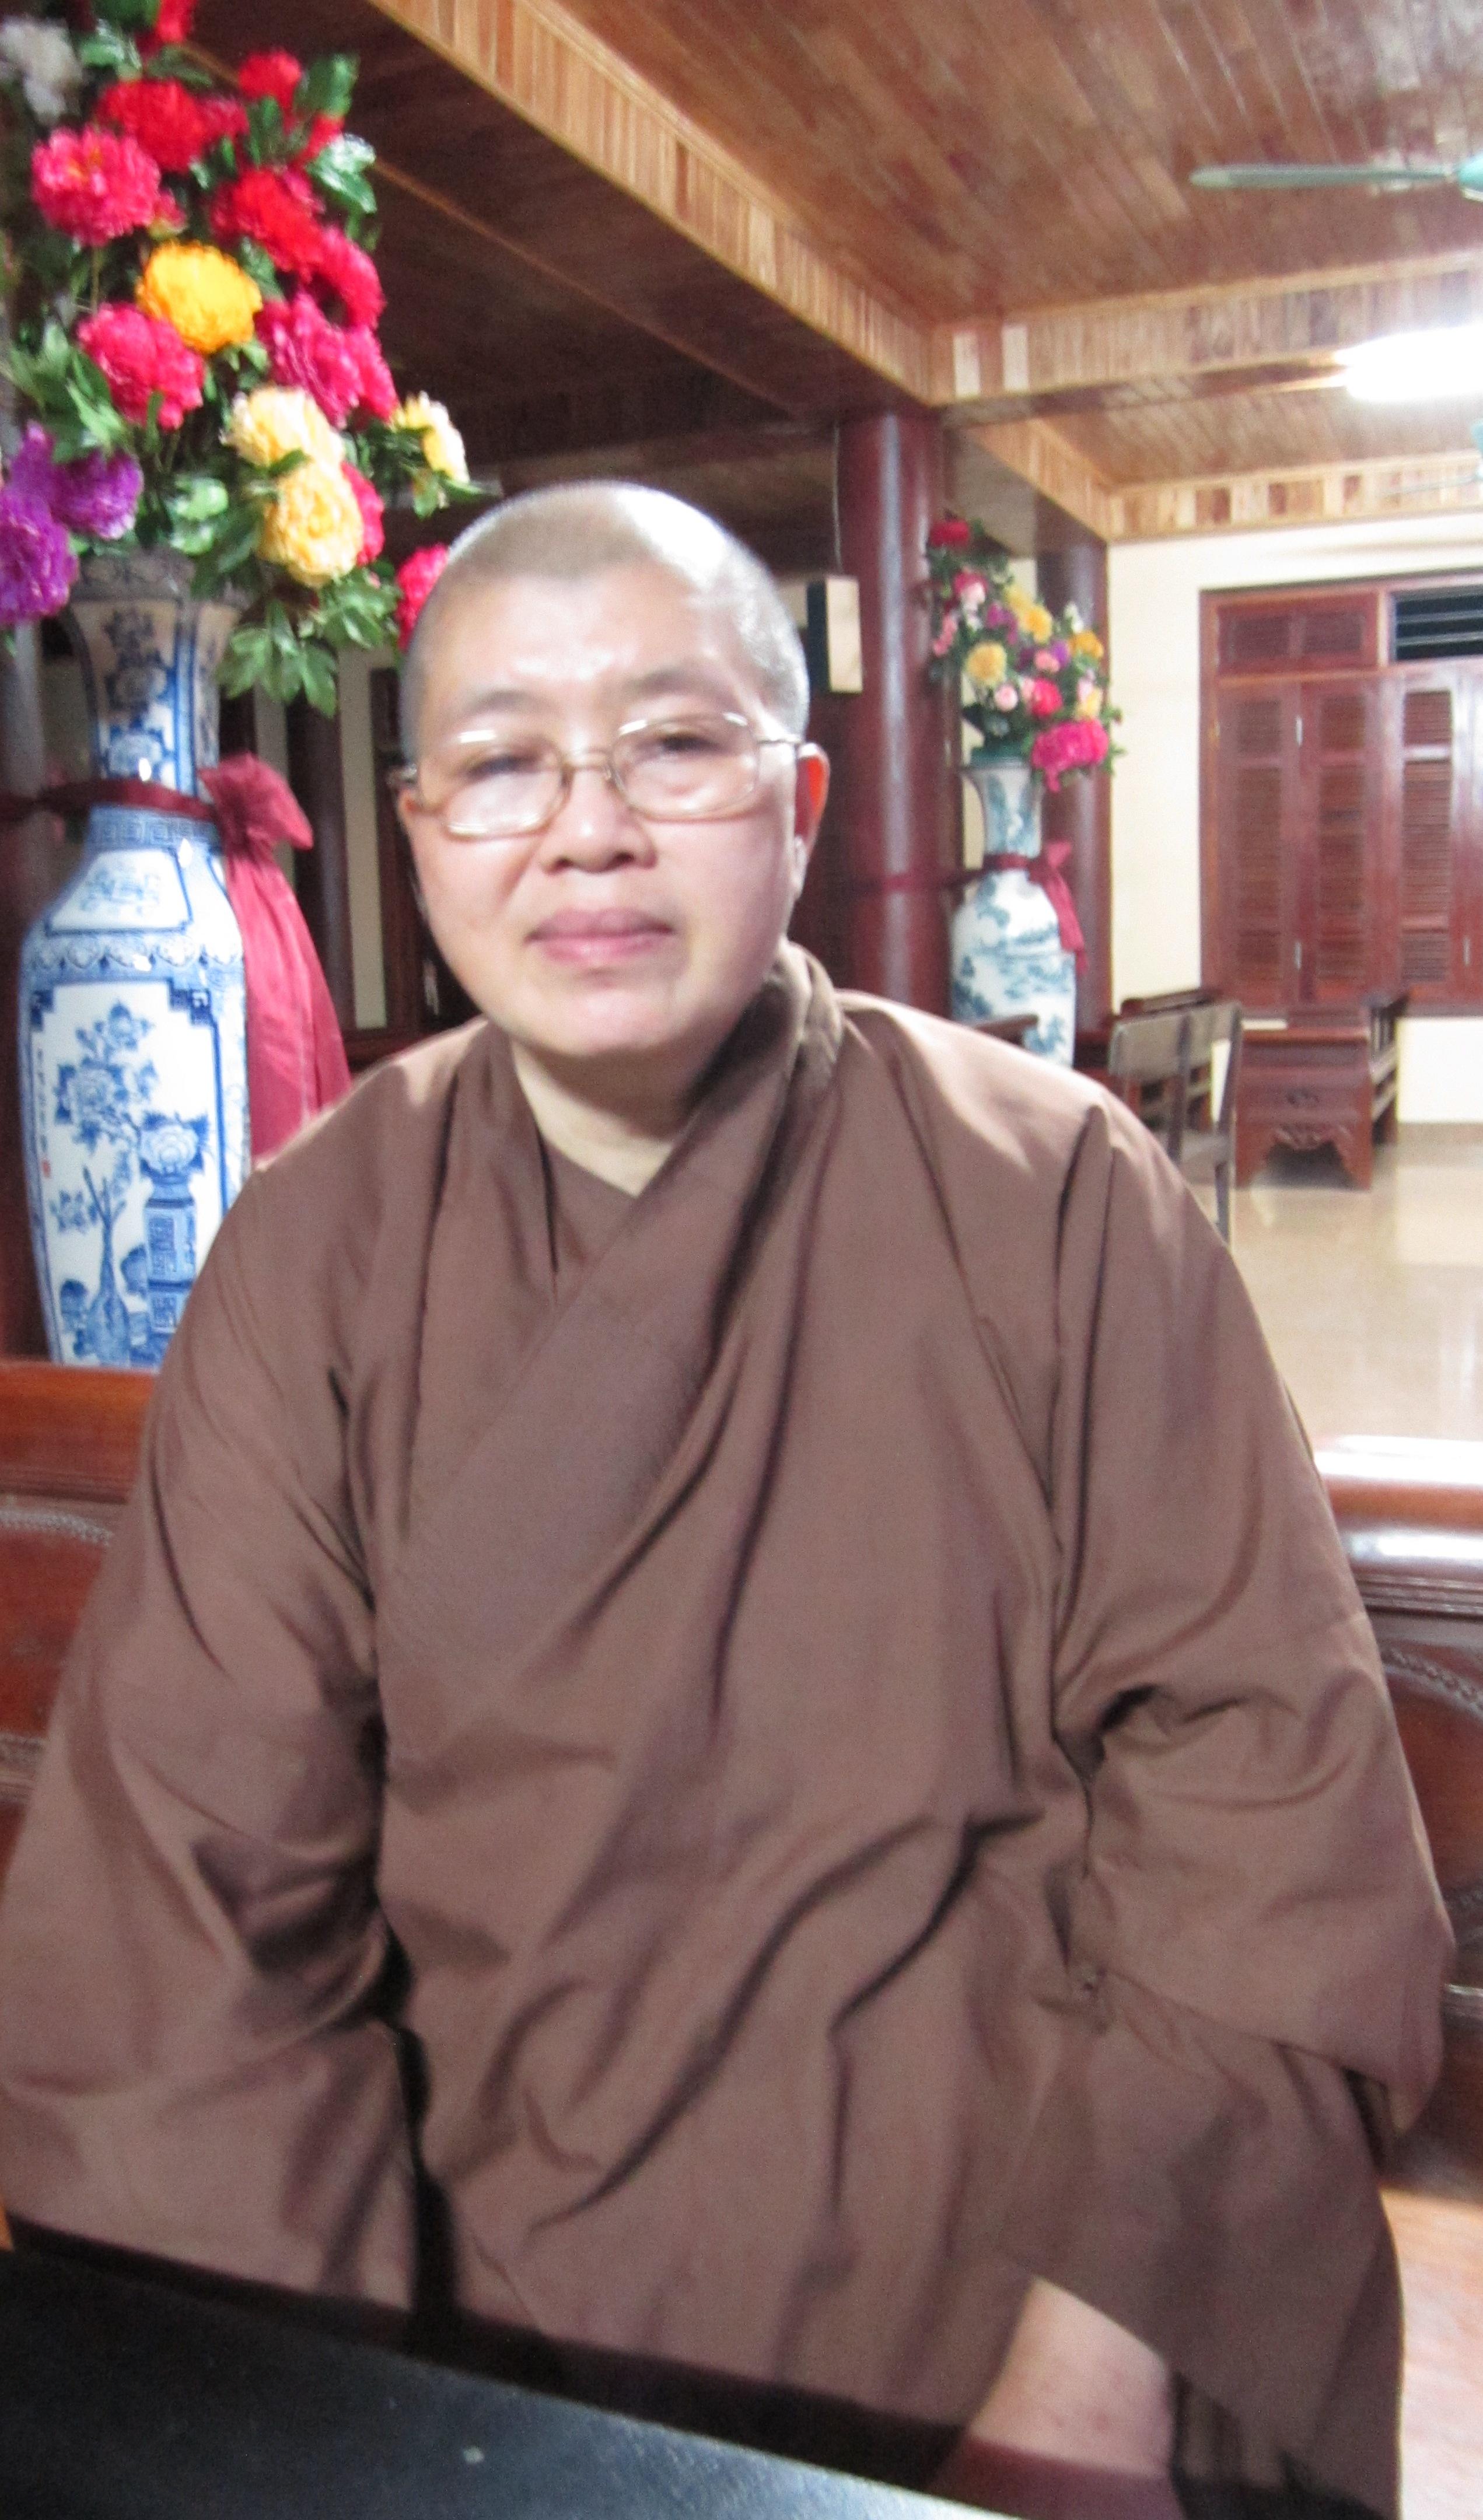 """Sư trụ trì chùa Bồ Đề: """"Nếu mua bán con nuôi, tôi sẵn sàng đi tù"""" - Ảnh 1"""